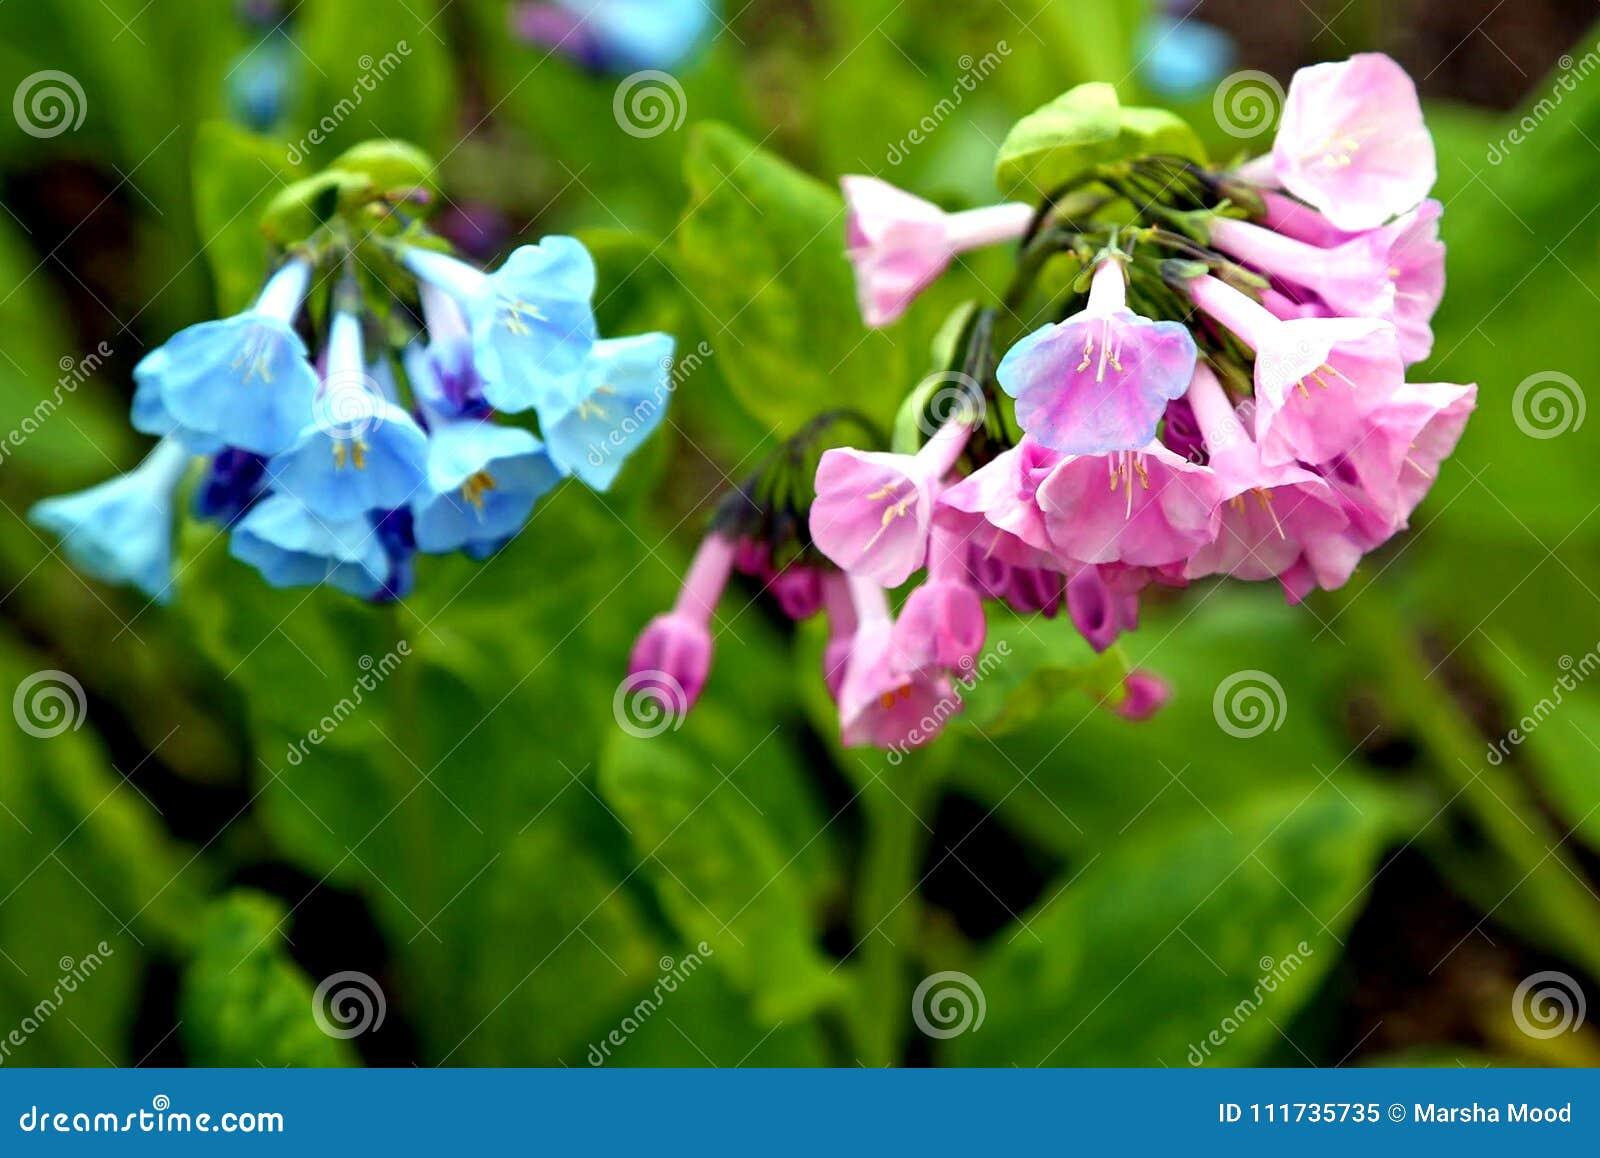 Belles jacinthes des bois de Virginie roses et bleues fleurissant dans le soleil de printemps